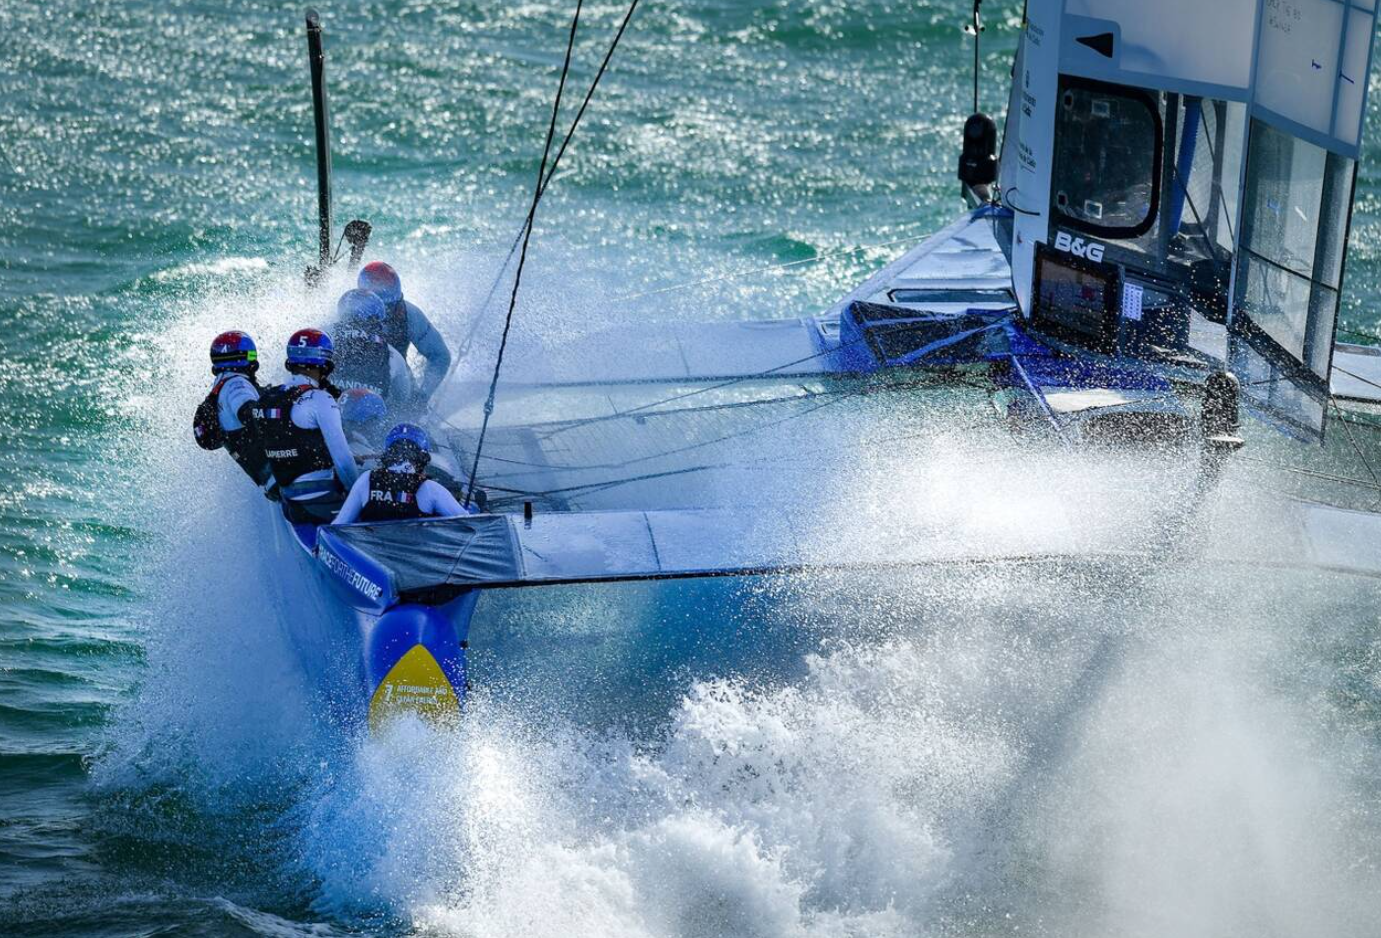 Une image contenant eau, extérieur, sport, sport aquatique  Description générée automatiquement